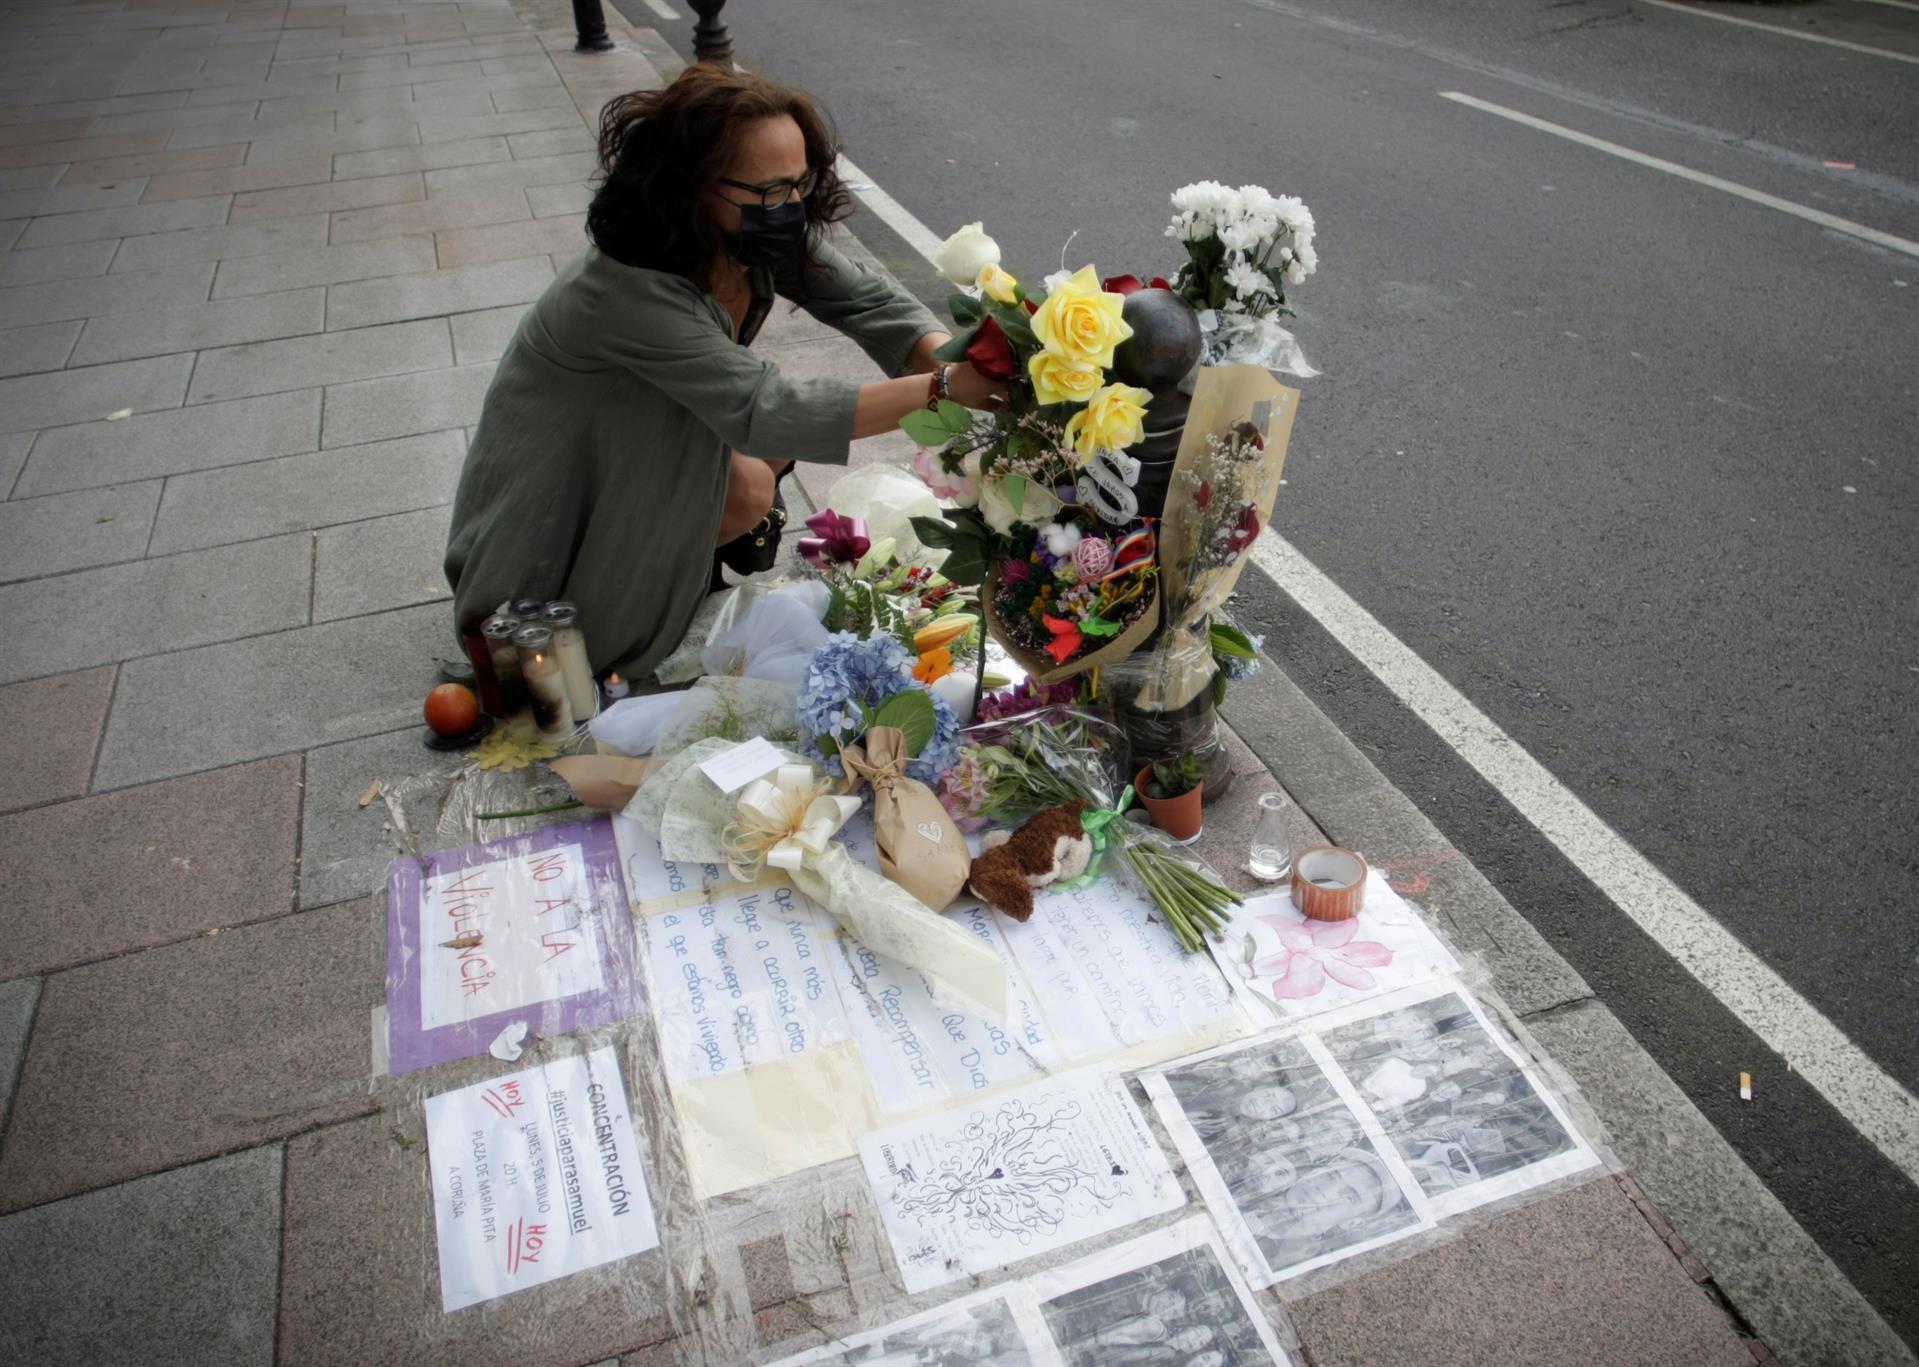 Una mujer depositaba flores en el lugar donde en la madrugada del sábado fue asesinado Samuel, el joven que se encontraba de fiesta con una amiga y al que varias personas propinaron una paliza. EFE/ Cabalar